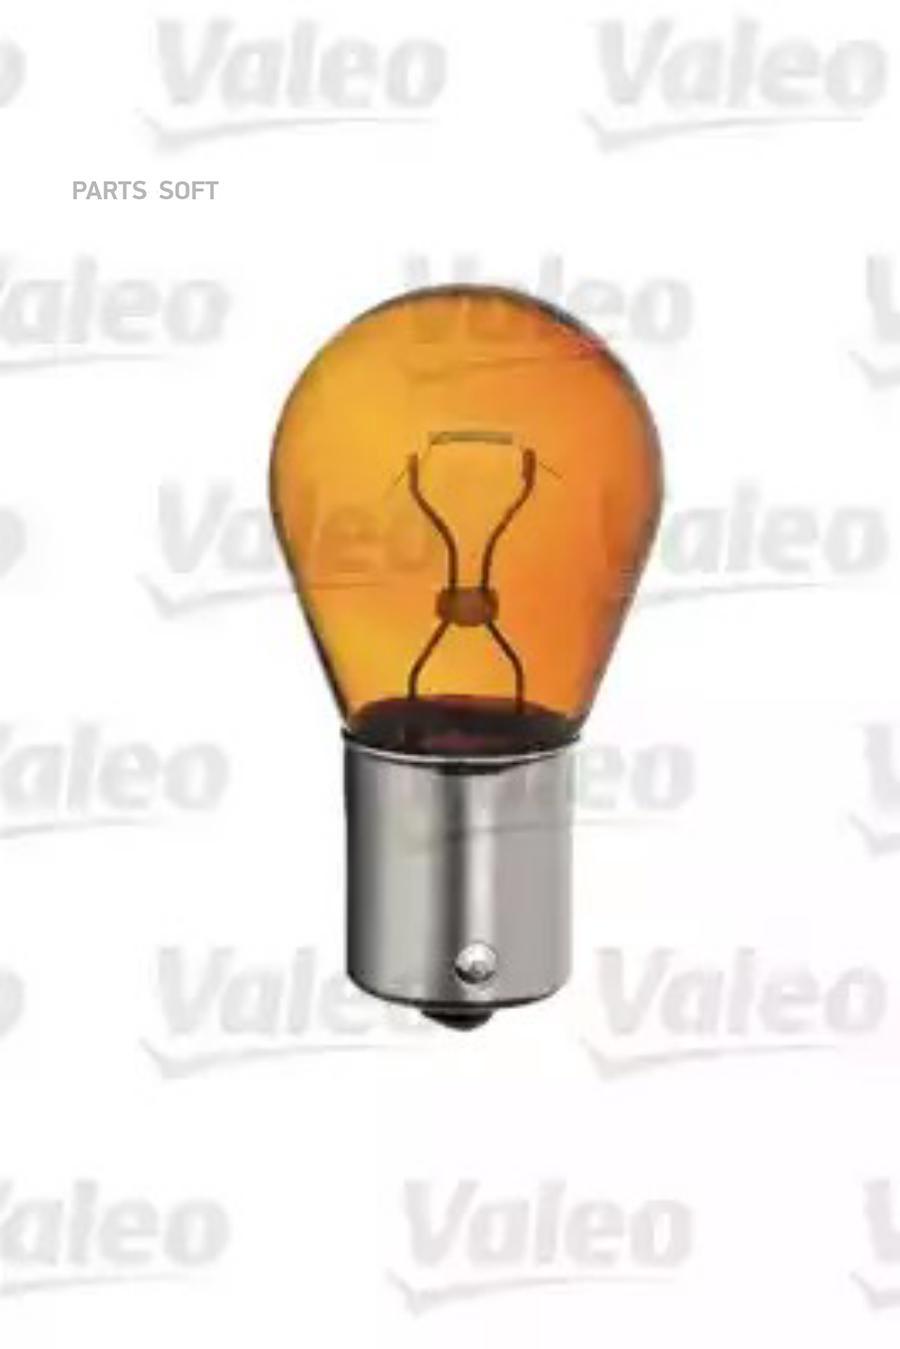 Лампа накаливания, фонарь указателя поворота; Лампа накаливания, фонарь указателя поворота